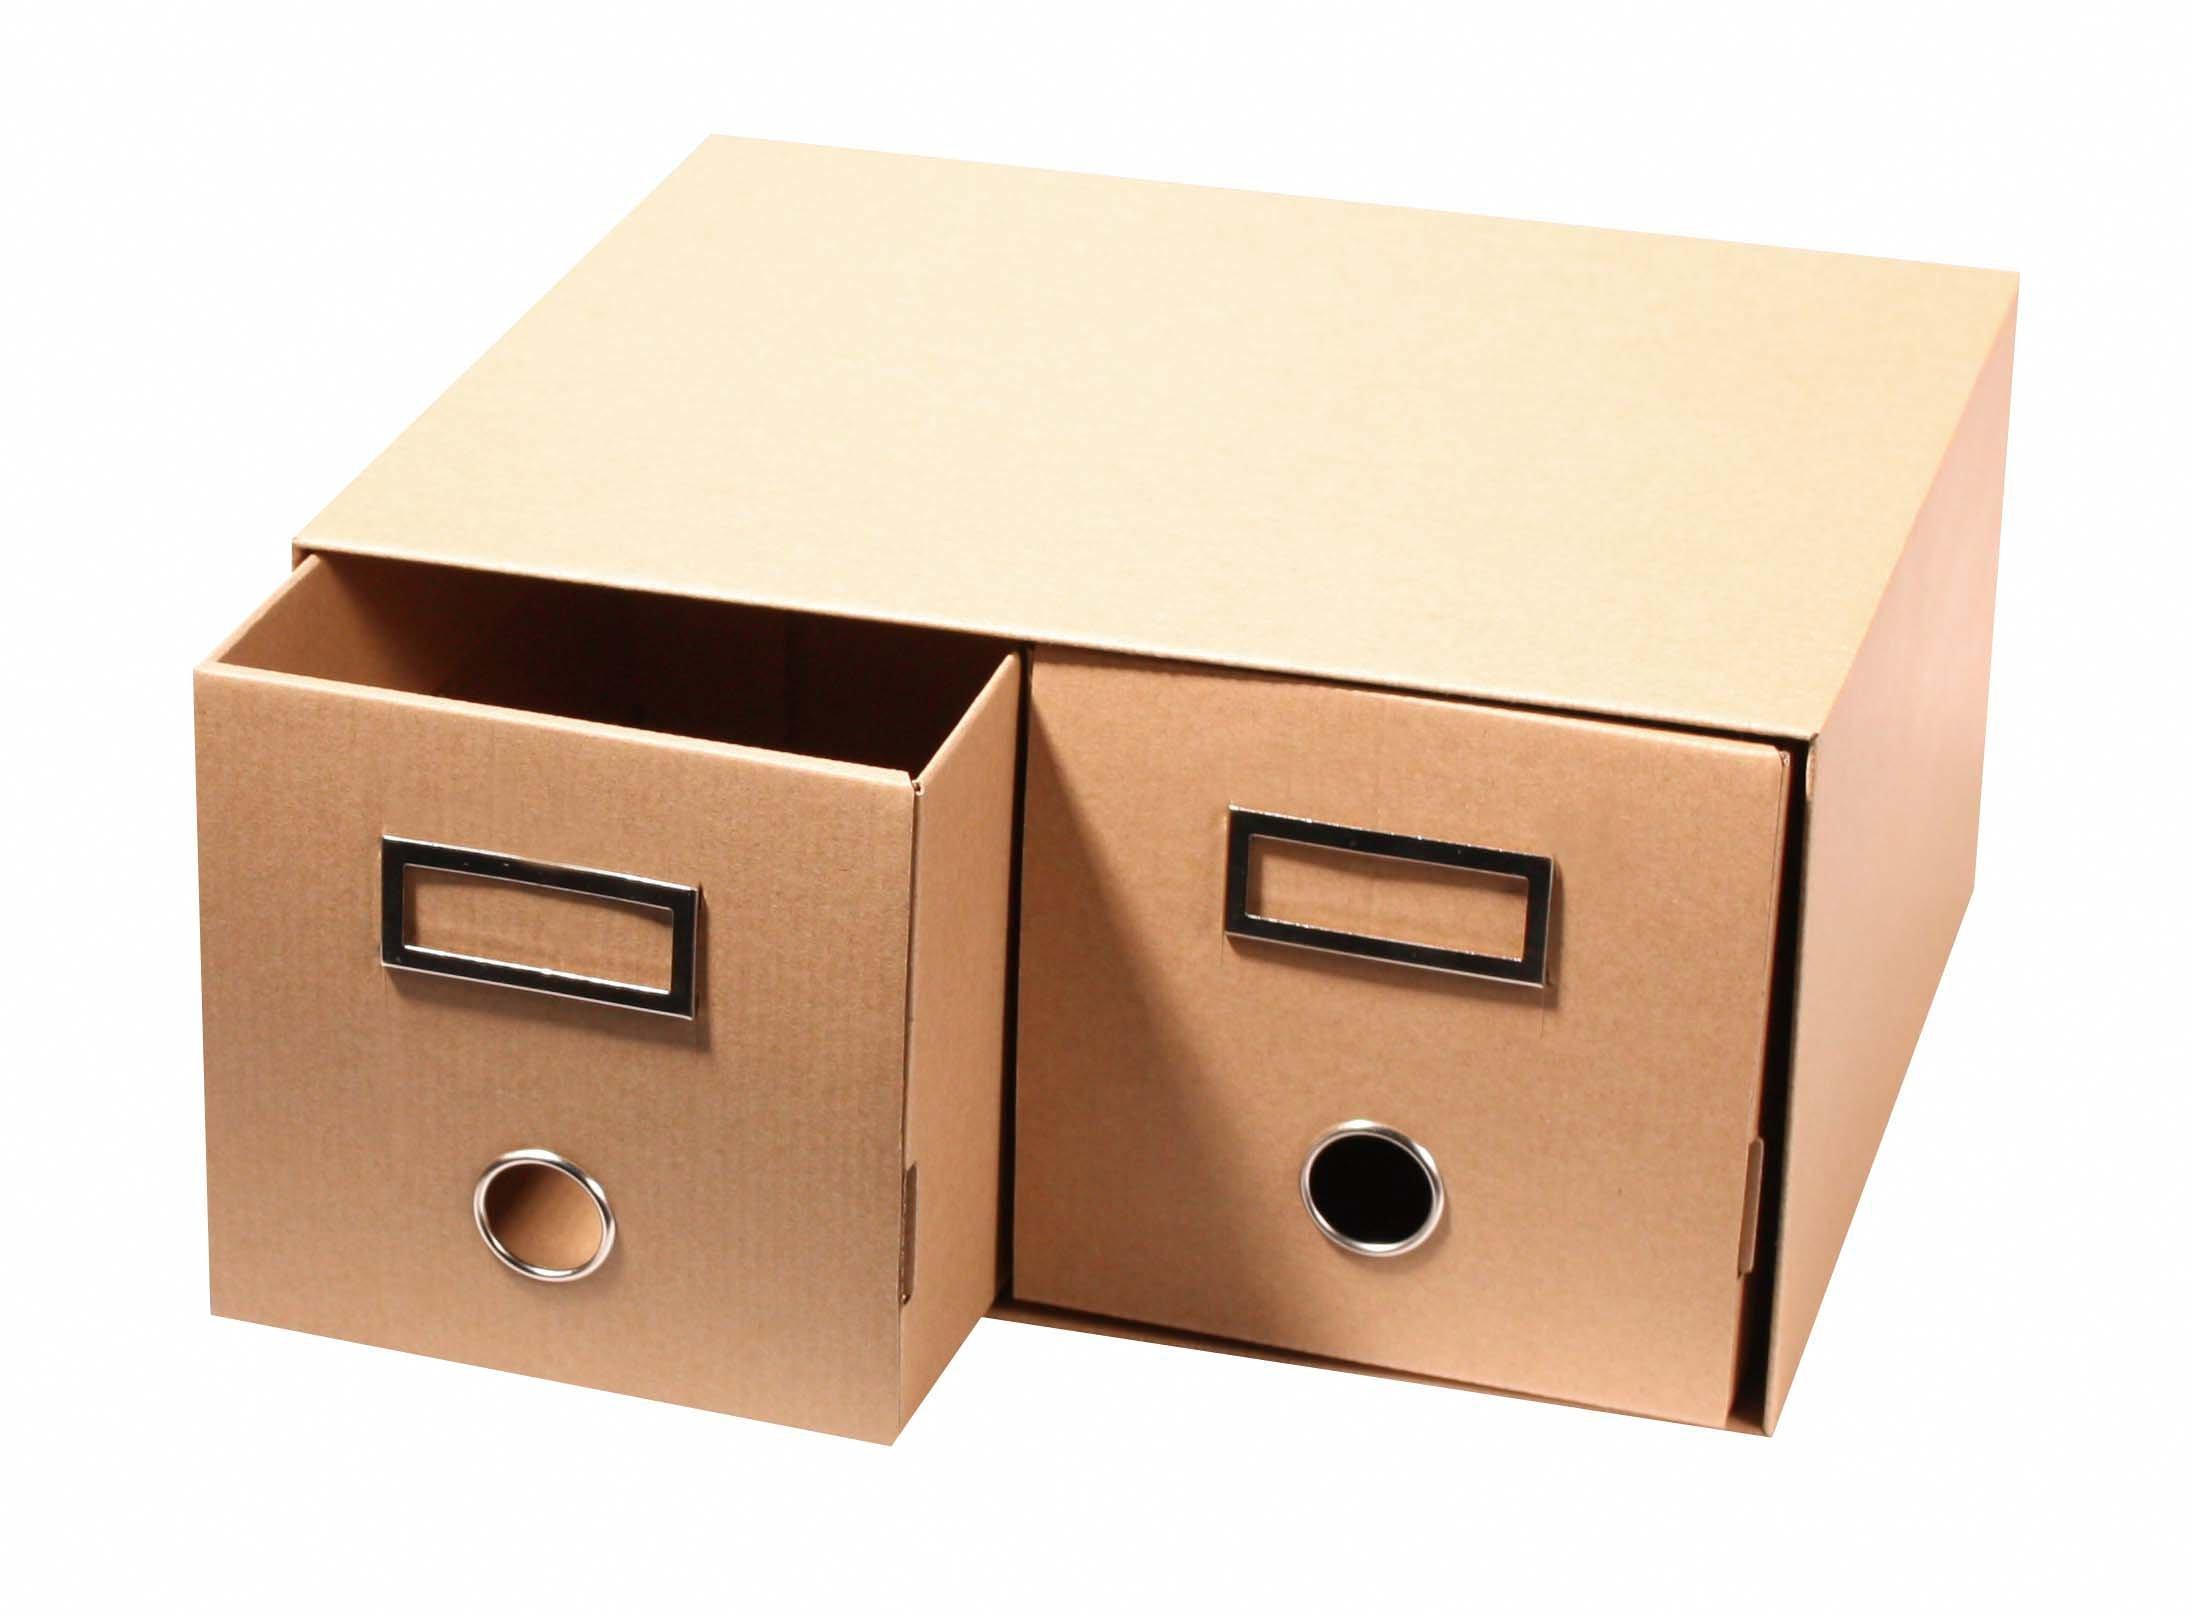 boite de rangement ecologique en carton pour cd et dvd 12 pieces buy cd dvd storage box chest of drawers dvd storage product on alibaba com